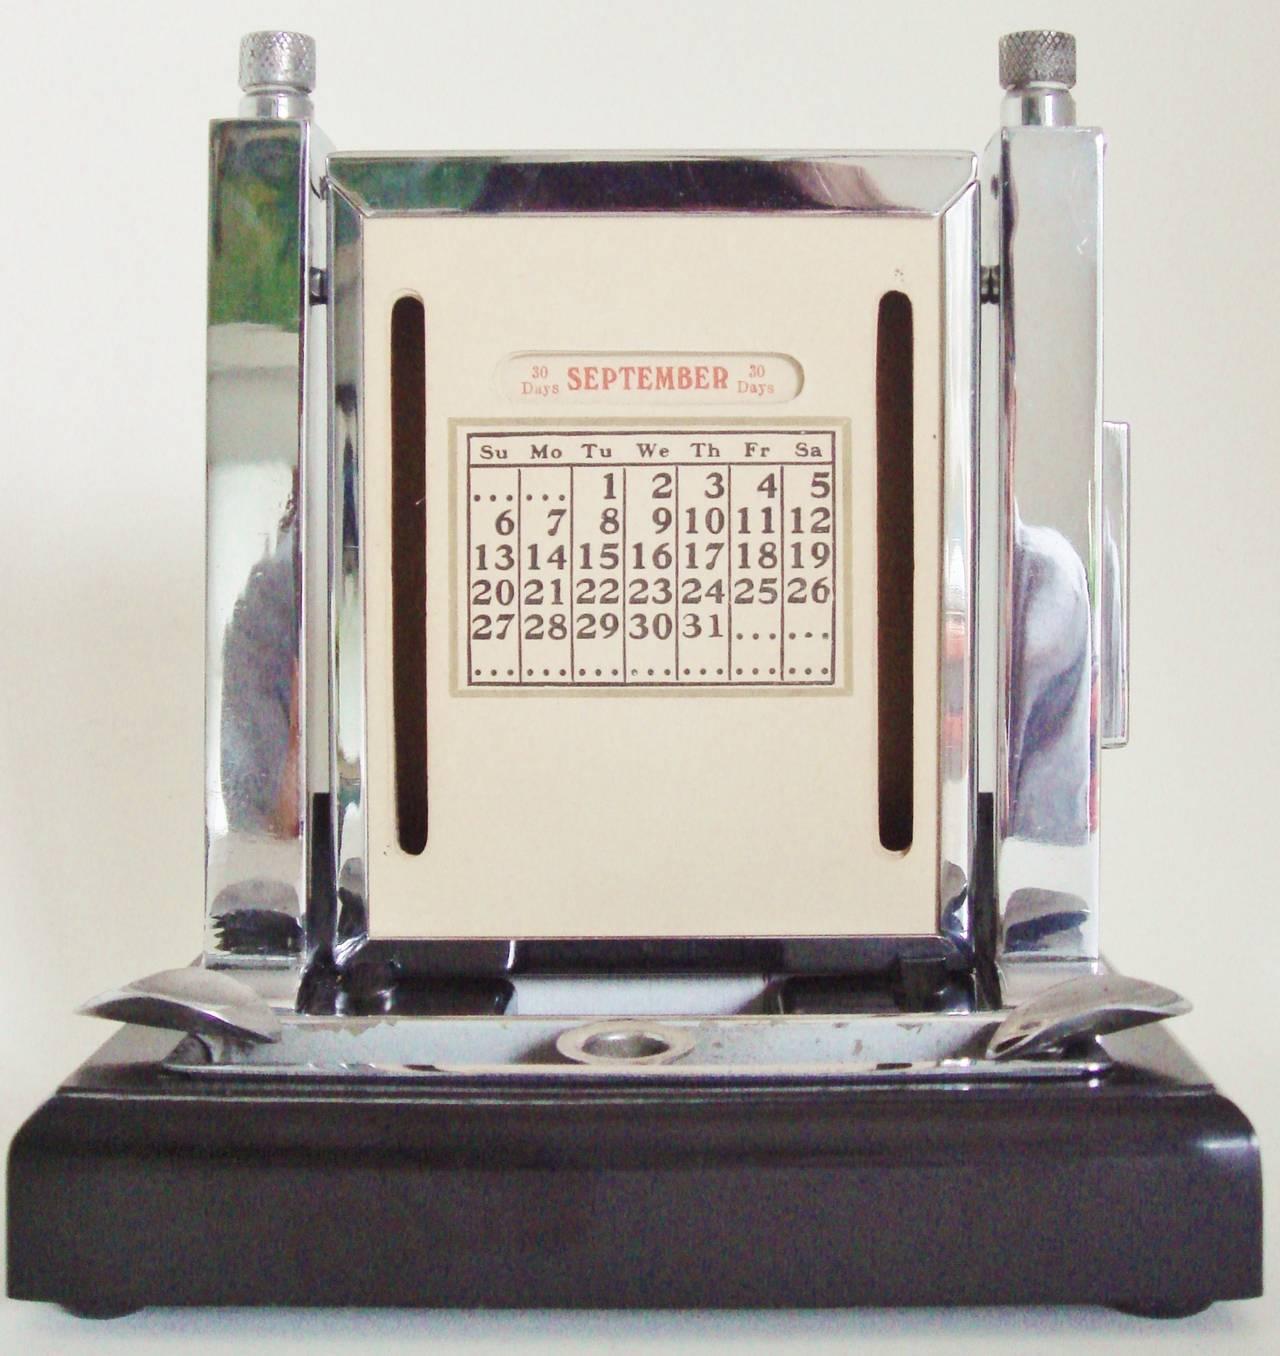 Art Deco Perpetual Calendar, Cigarette Dispenser, Striker Lighter and Ashtray 10